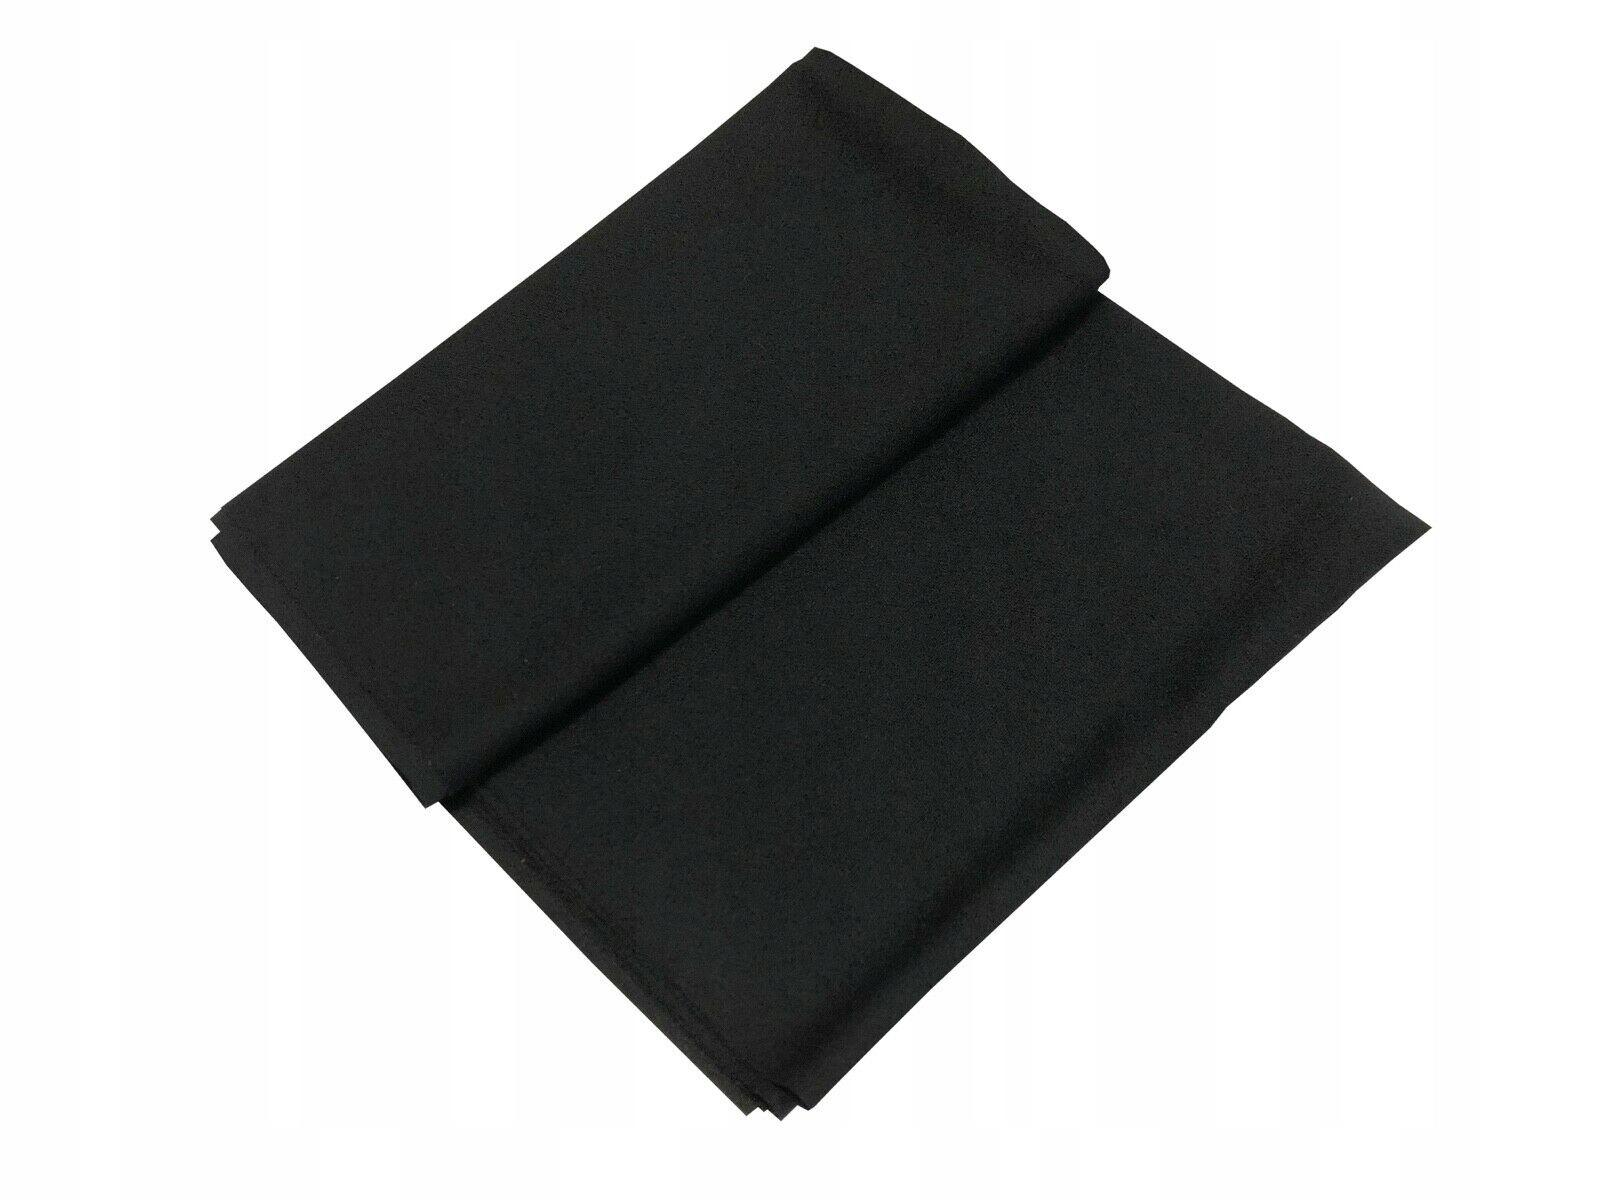 МАТЕРИАЛ спикер ткань для масок BLACK